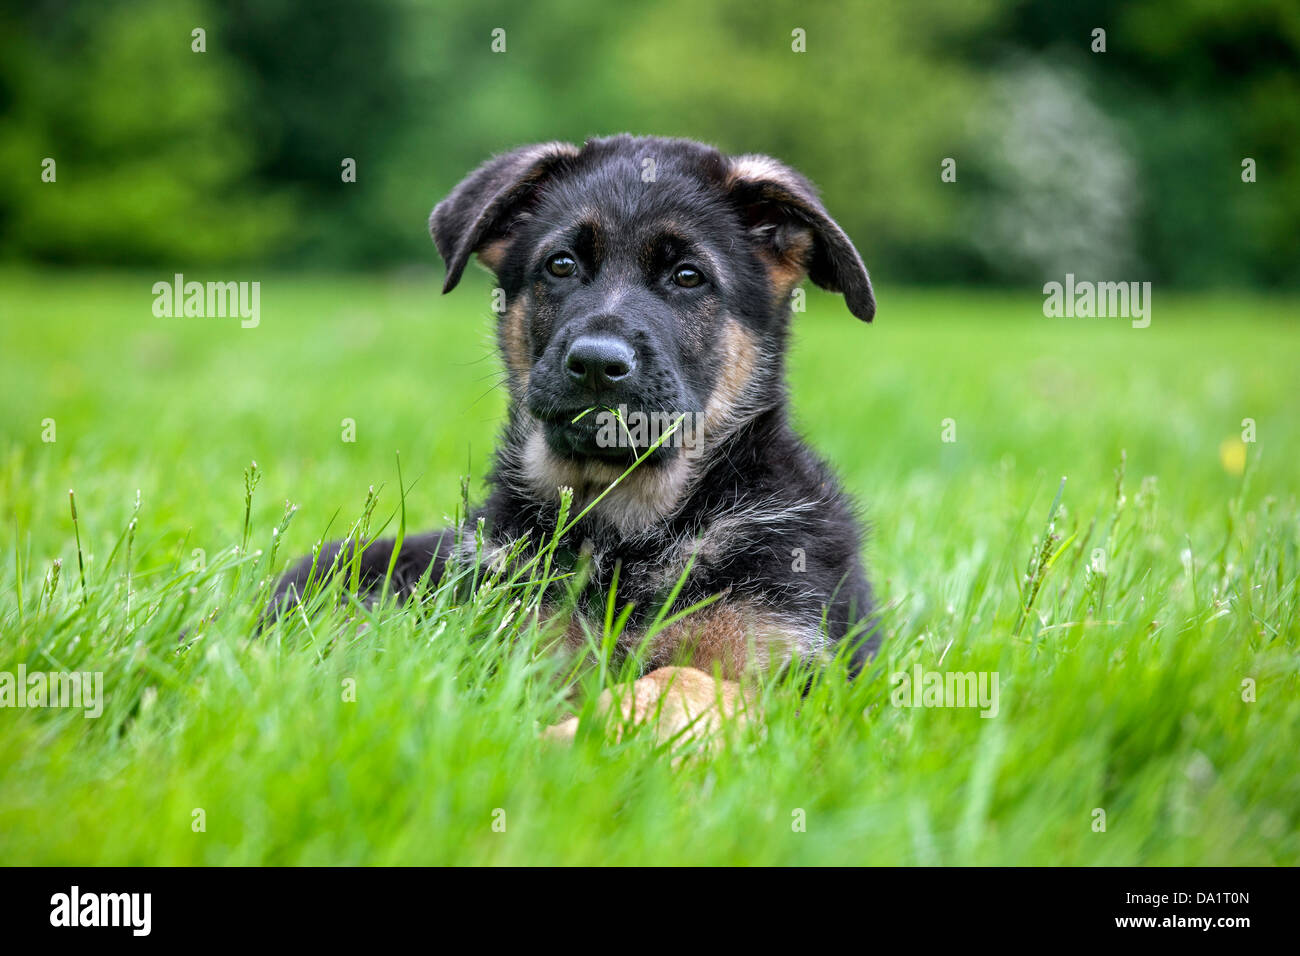 Alsatian / German shepherd dog (Canis lupus familiaris) puppy lying in garden - Stock Image